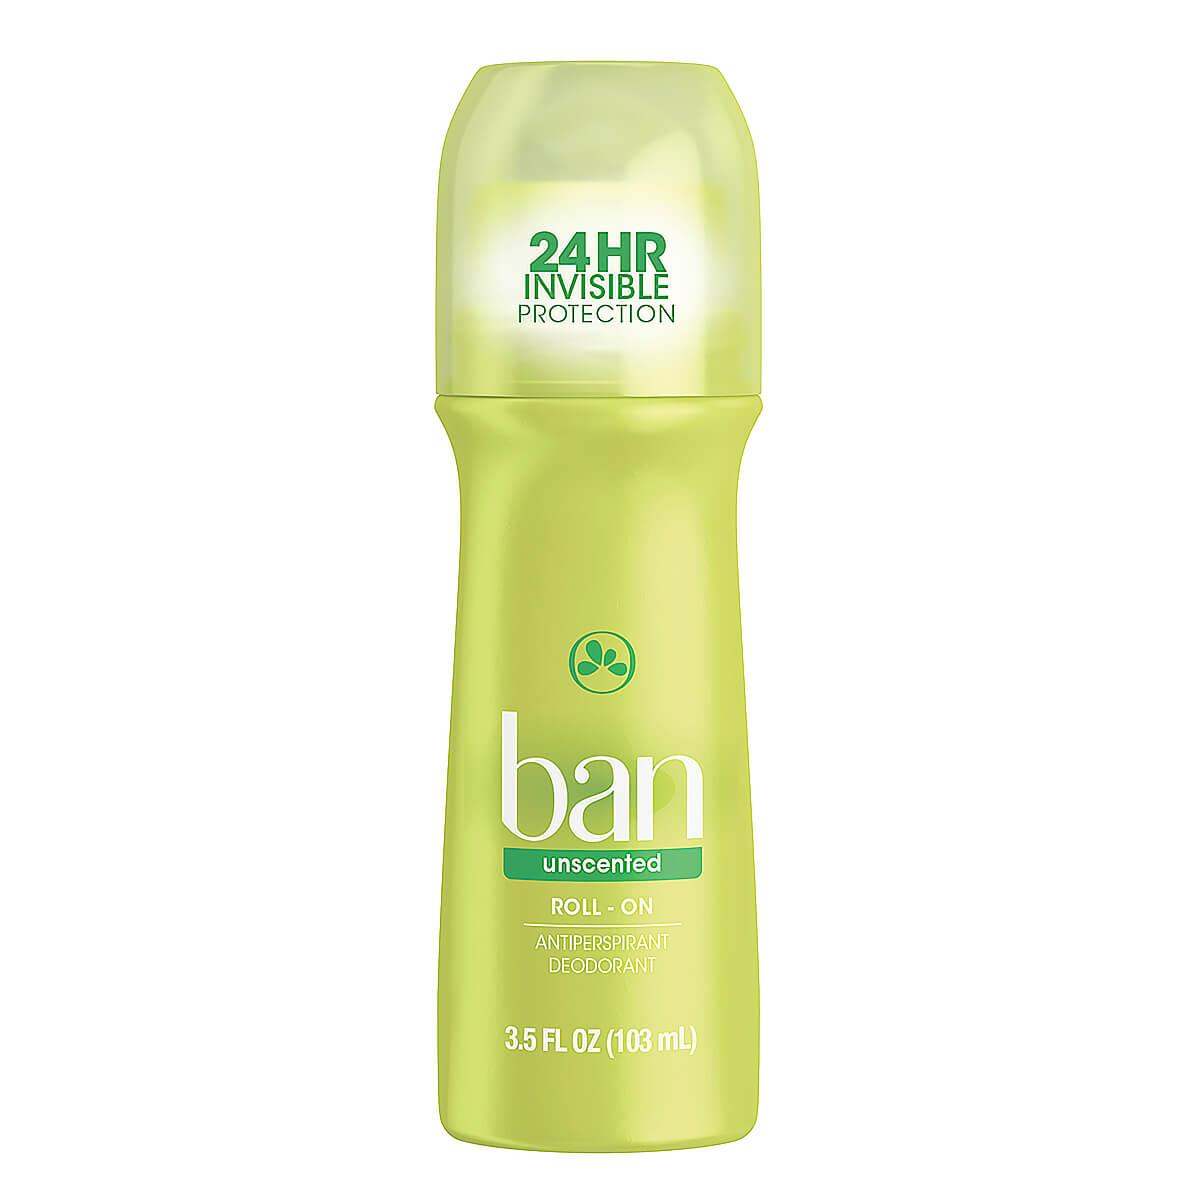 Desodorante Roll-on Ban Unscented Sem Perfume 103ml